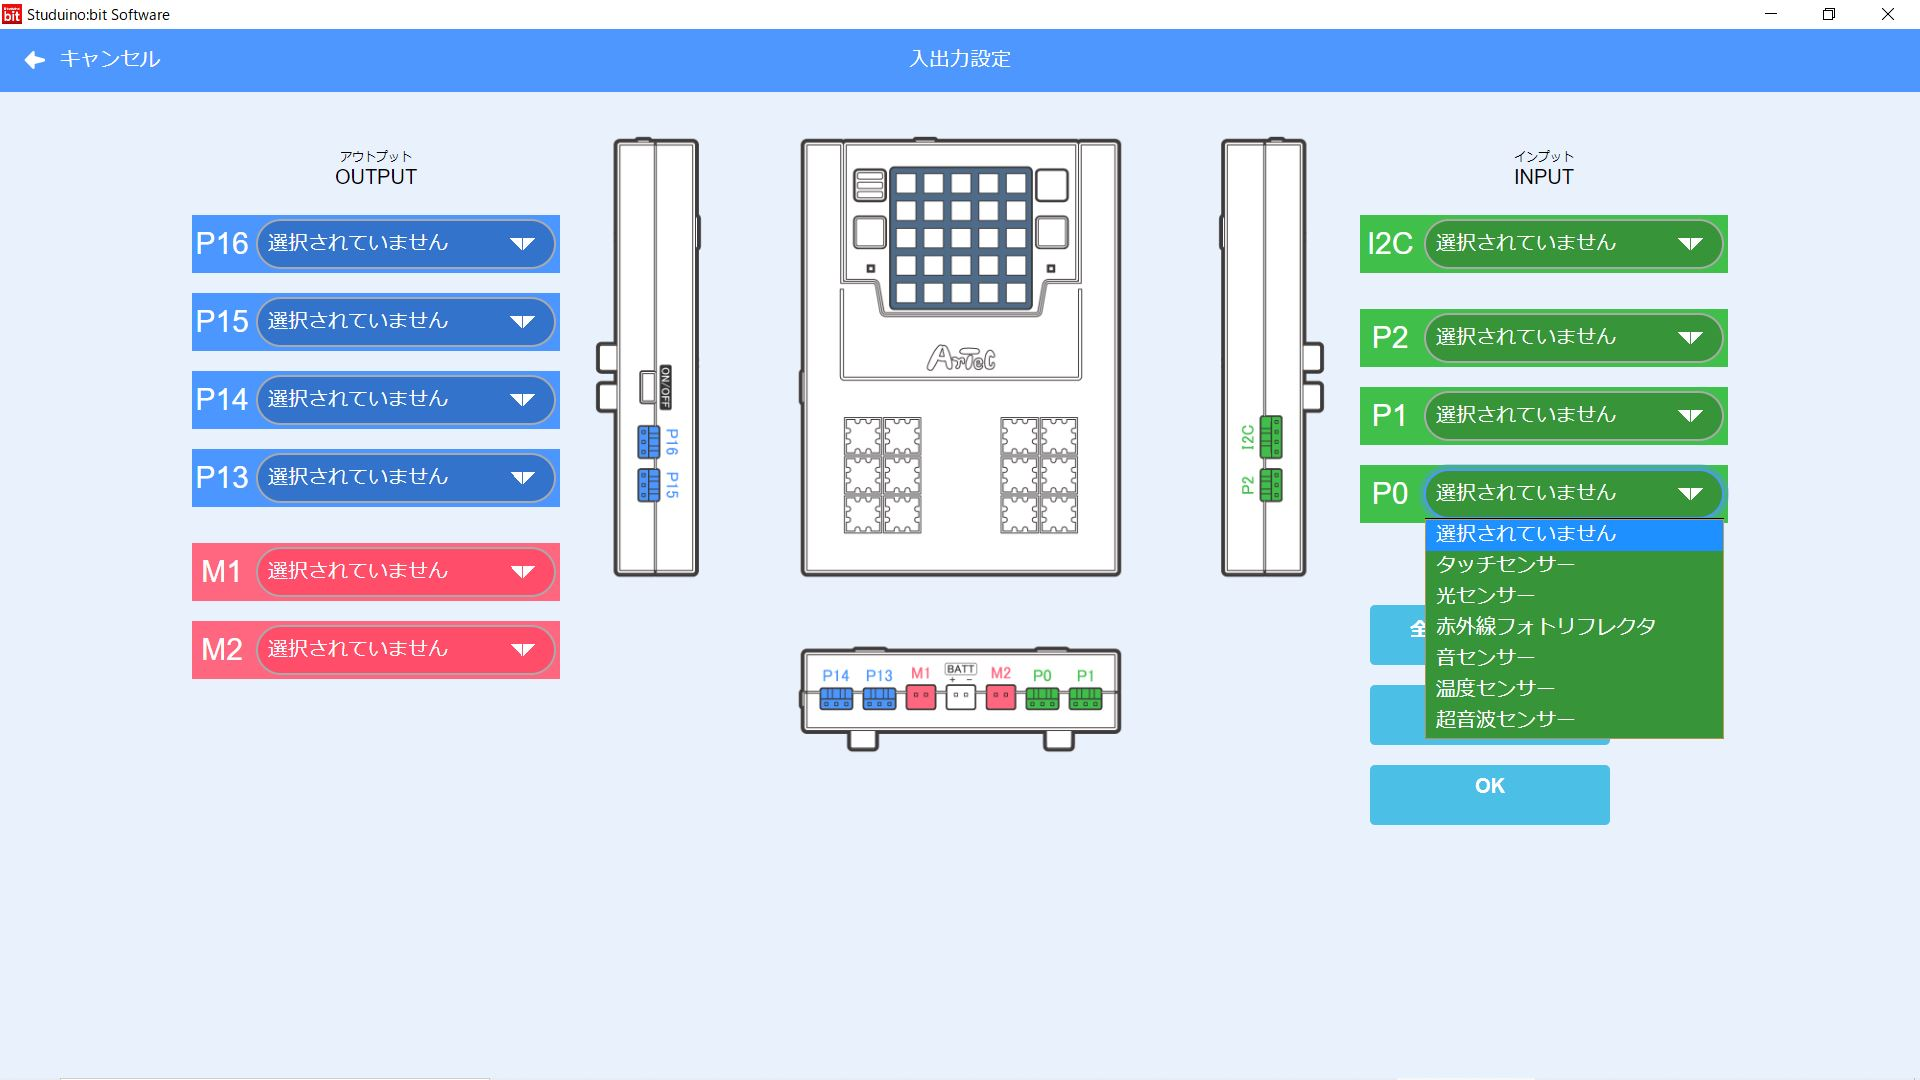 「アーテックロボ2.0」の入出力設定を行い、P0にタッチセンサーを割り当てる